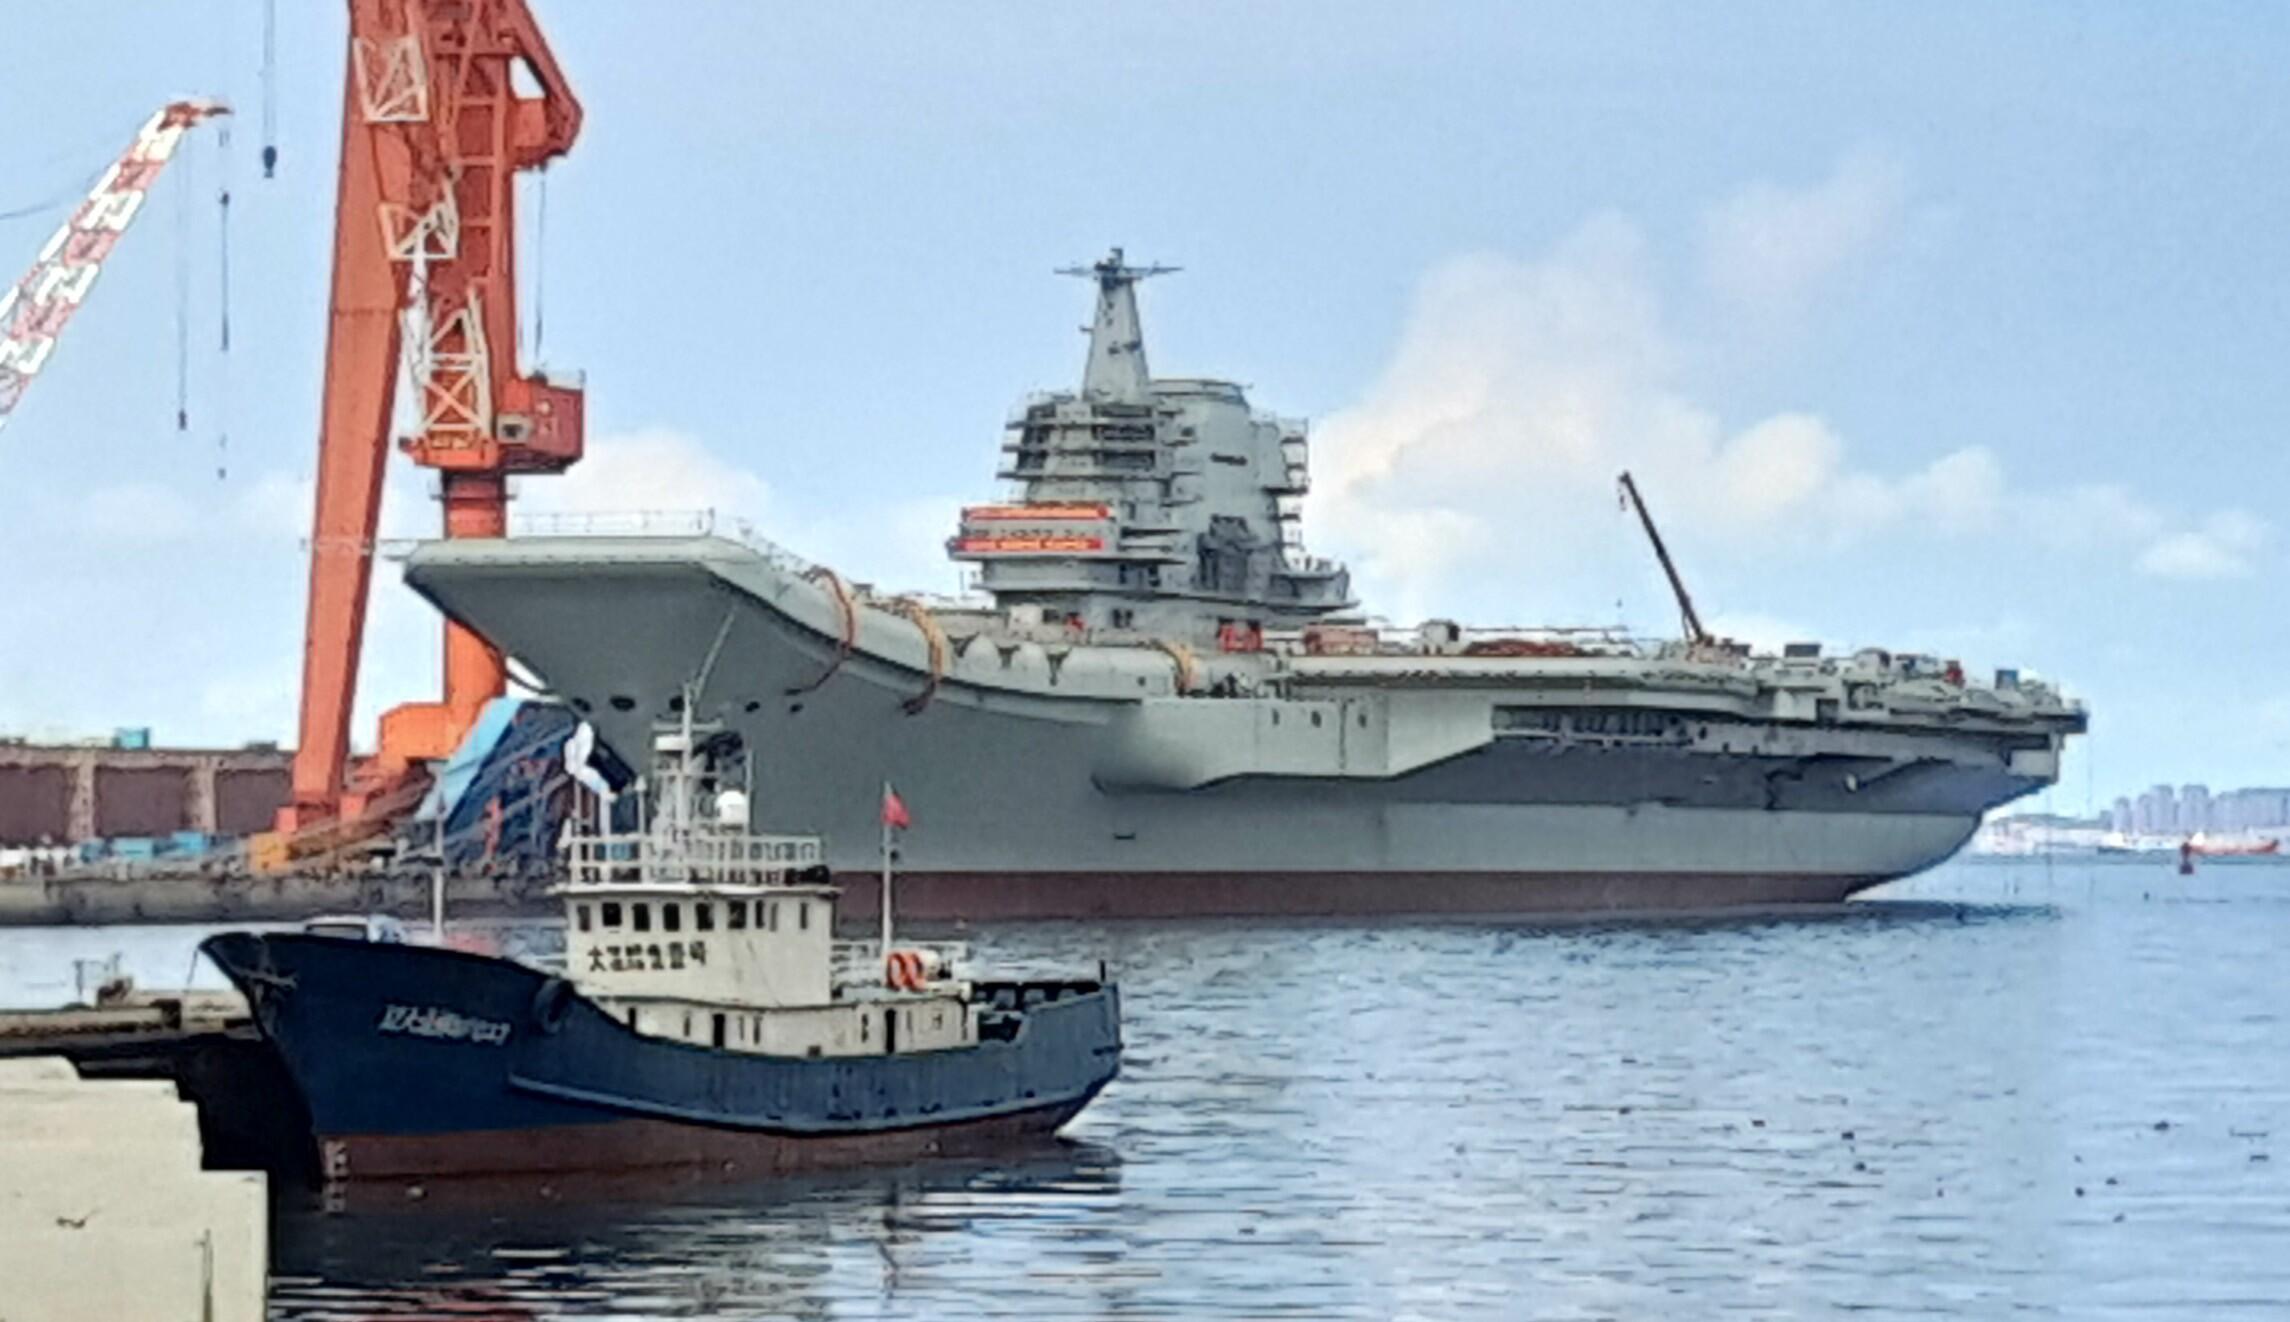 Uss Carl Vinson Is Ancd At Tien Sa Port In Danang Vietnam Monday